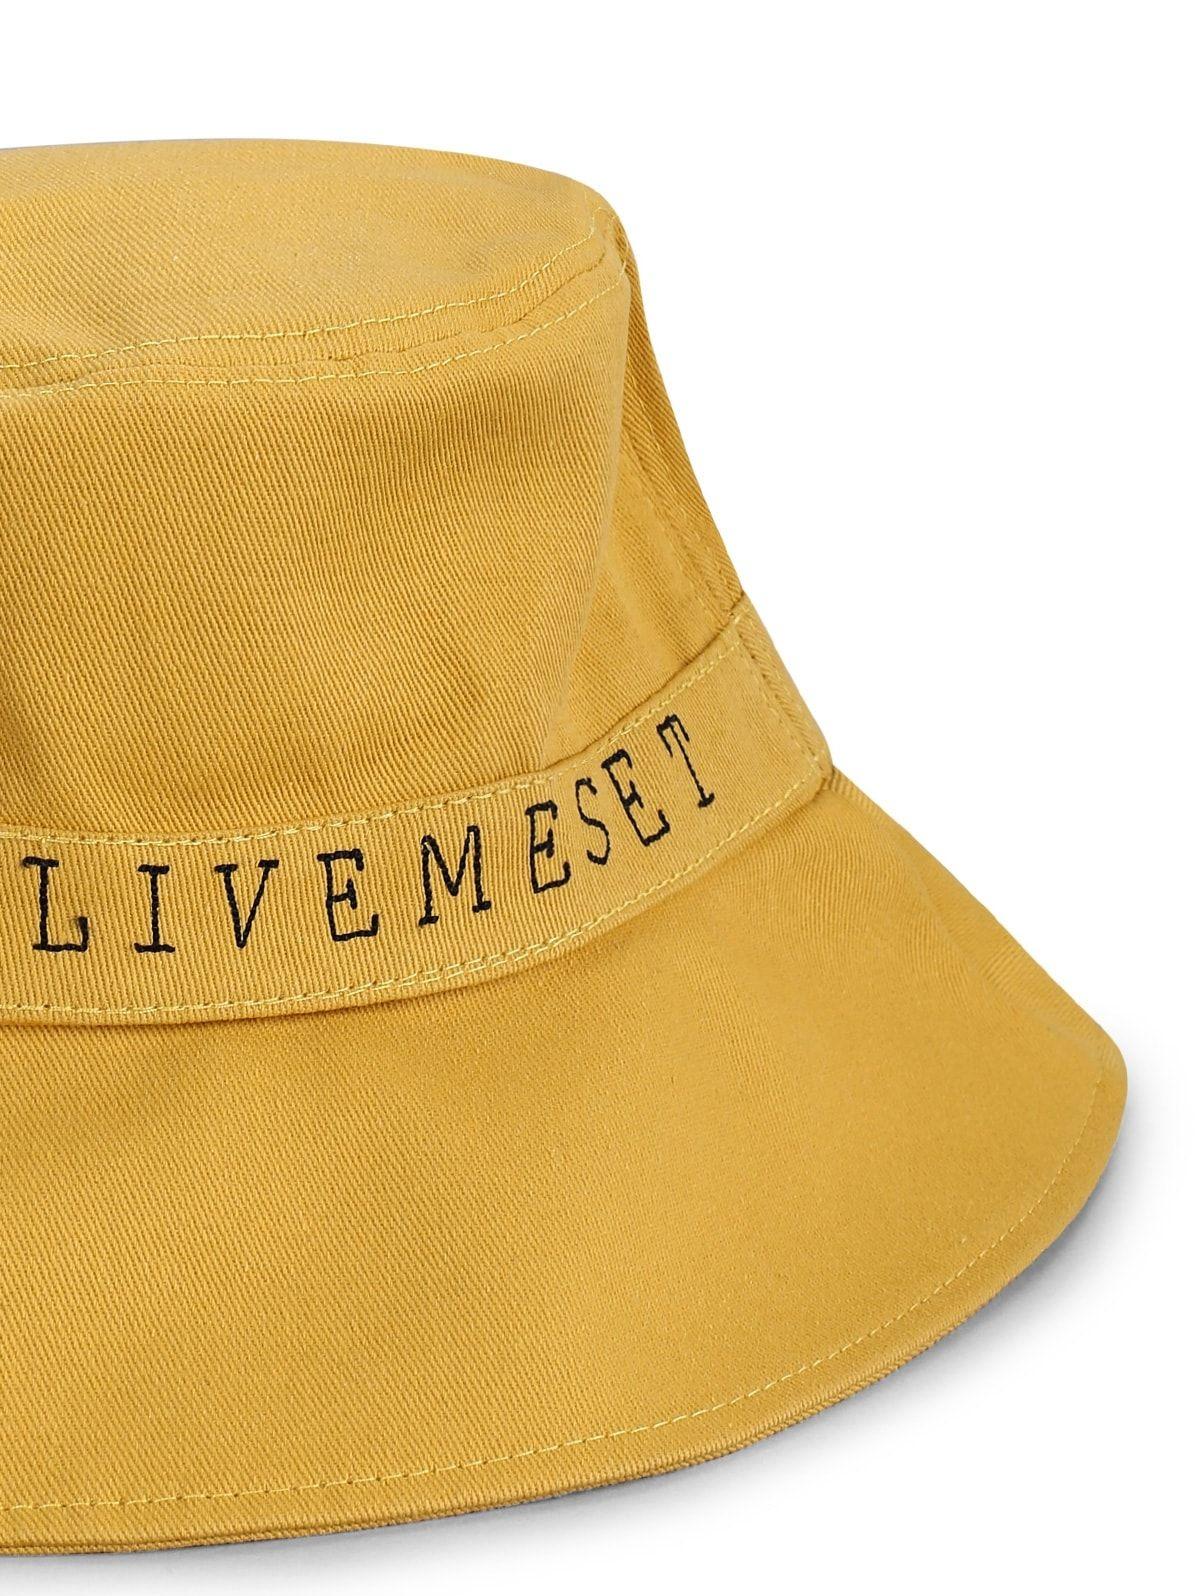 Plain Letter Print Bucket Hat Beige Black Light Khaki Yellow Letter Prints Women Accessories Hats Hat Types